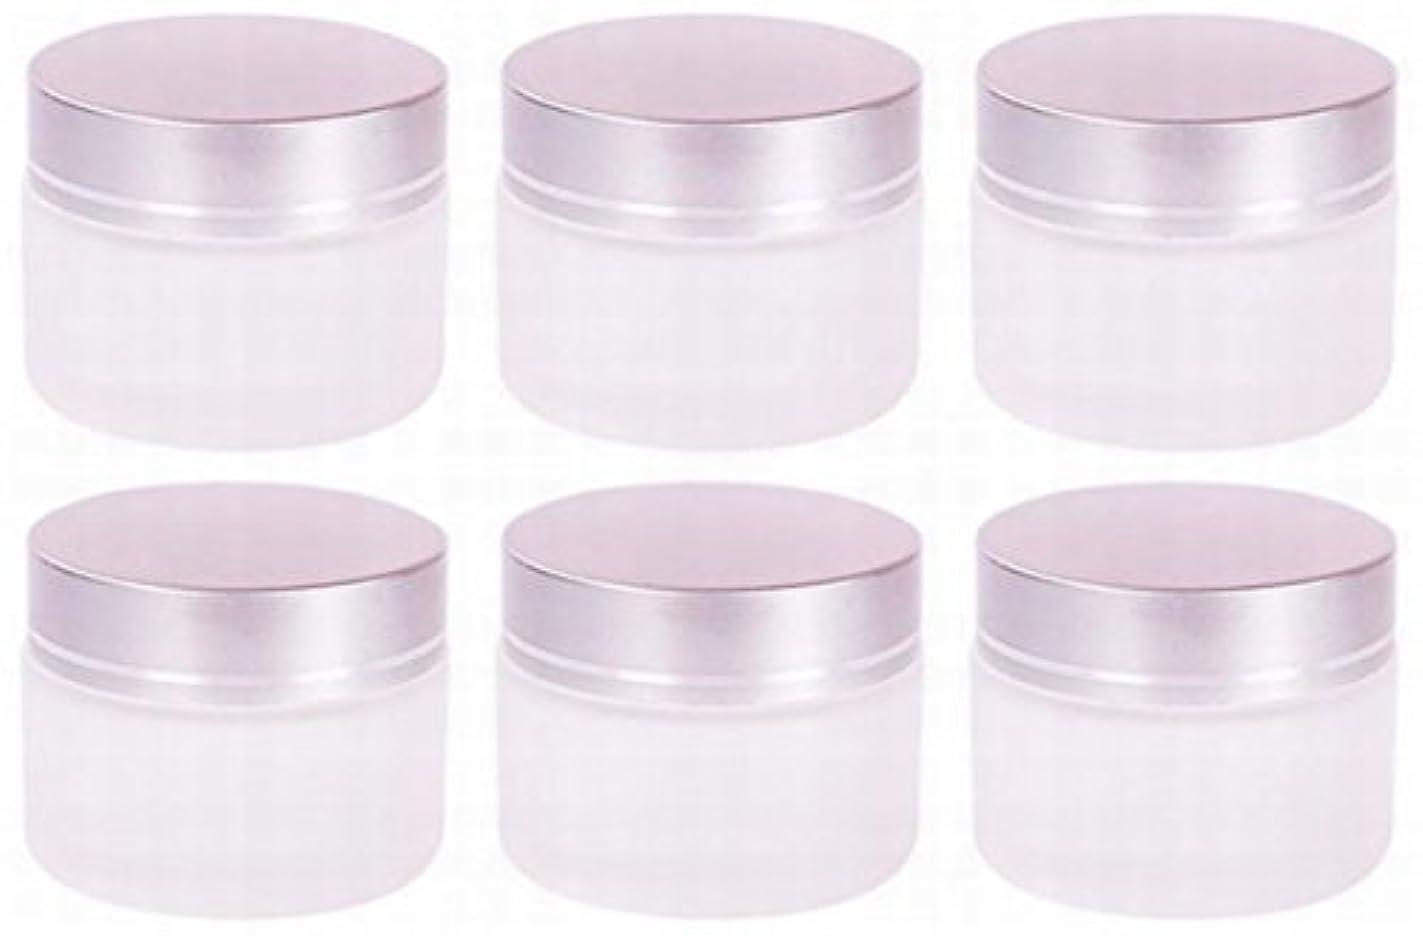 事実許さない密度【Rurumi】ハンドクリーム 容器 すりガラス 乳白色 遮光 ジャー セット アロマ ハンド クリーム 遮光瓶 ガラス 瓶 アロマ ボトル 白 ビン 保存 詰替え (30g 6個 セット)